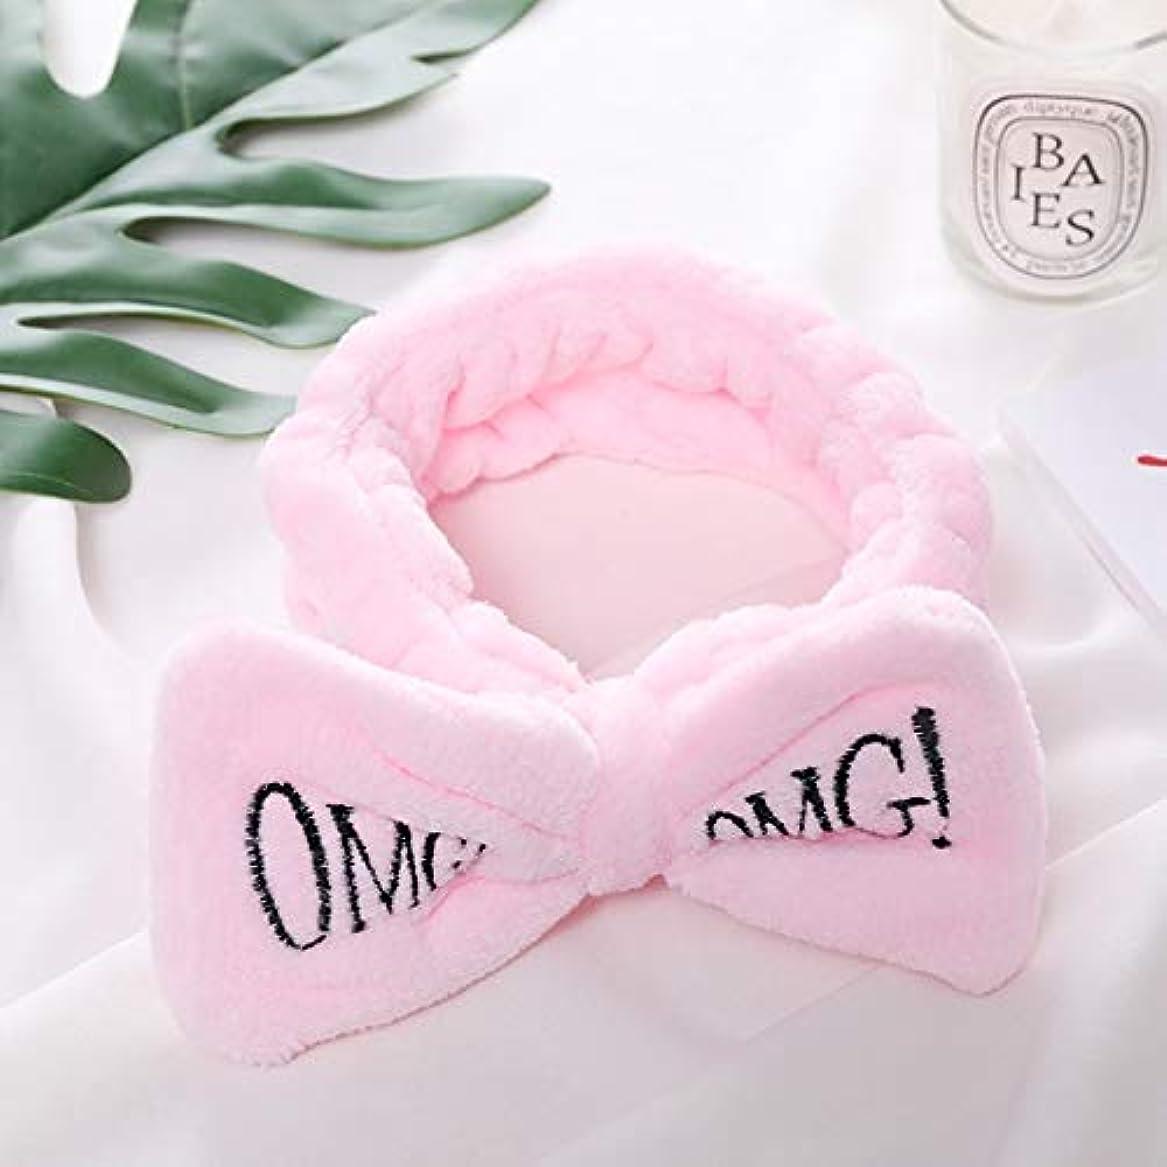 エンジニアリングまで情緒的フラワーヘアピンFlowerHairpin YHM女性ニューレター「OMG」コーラルフリースソフトボウヘッドバンドかわいいヘアーホルダー帽子ヘアアクセサリー(ホワイト) (色 : ピンク)